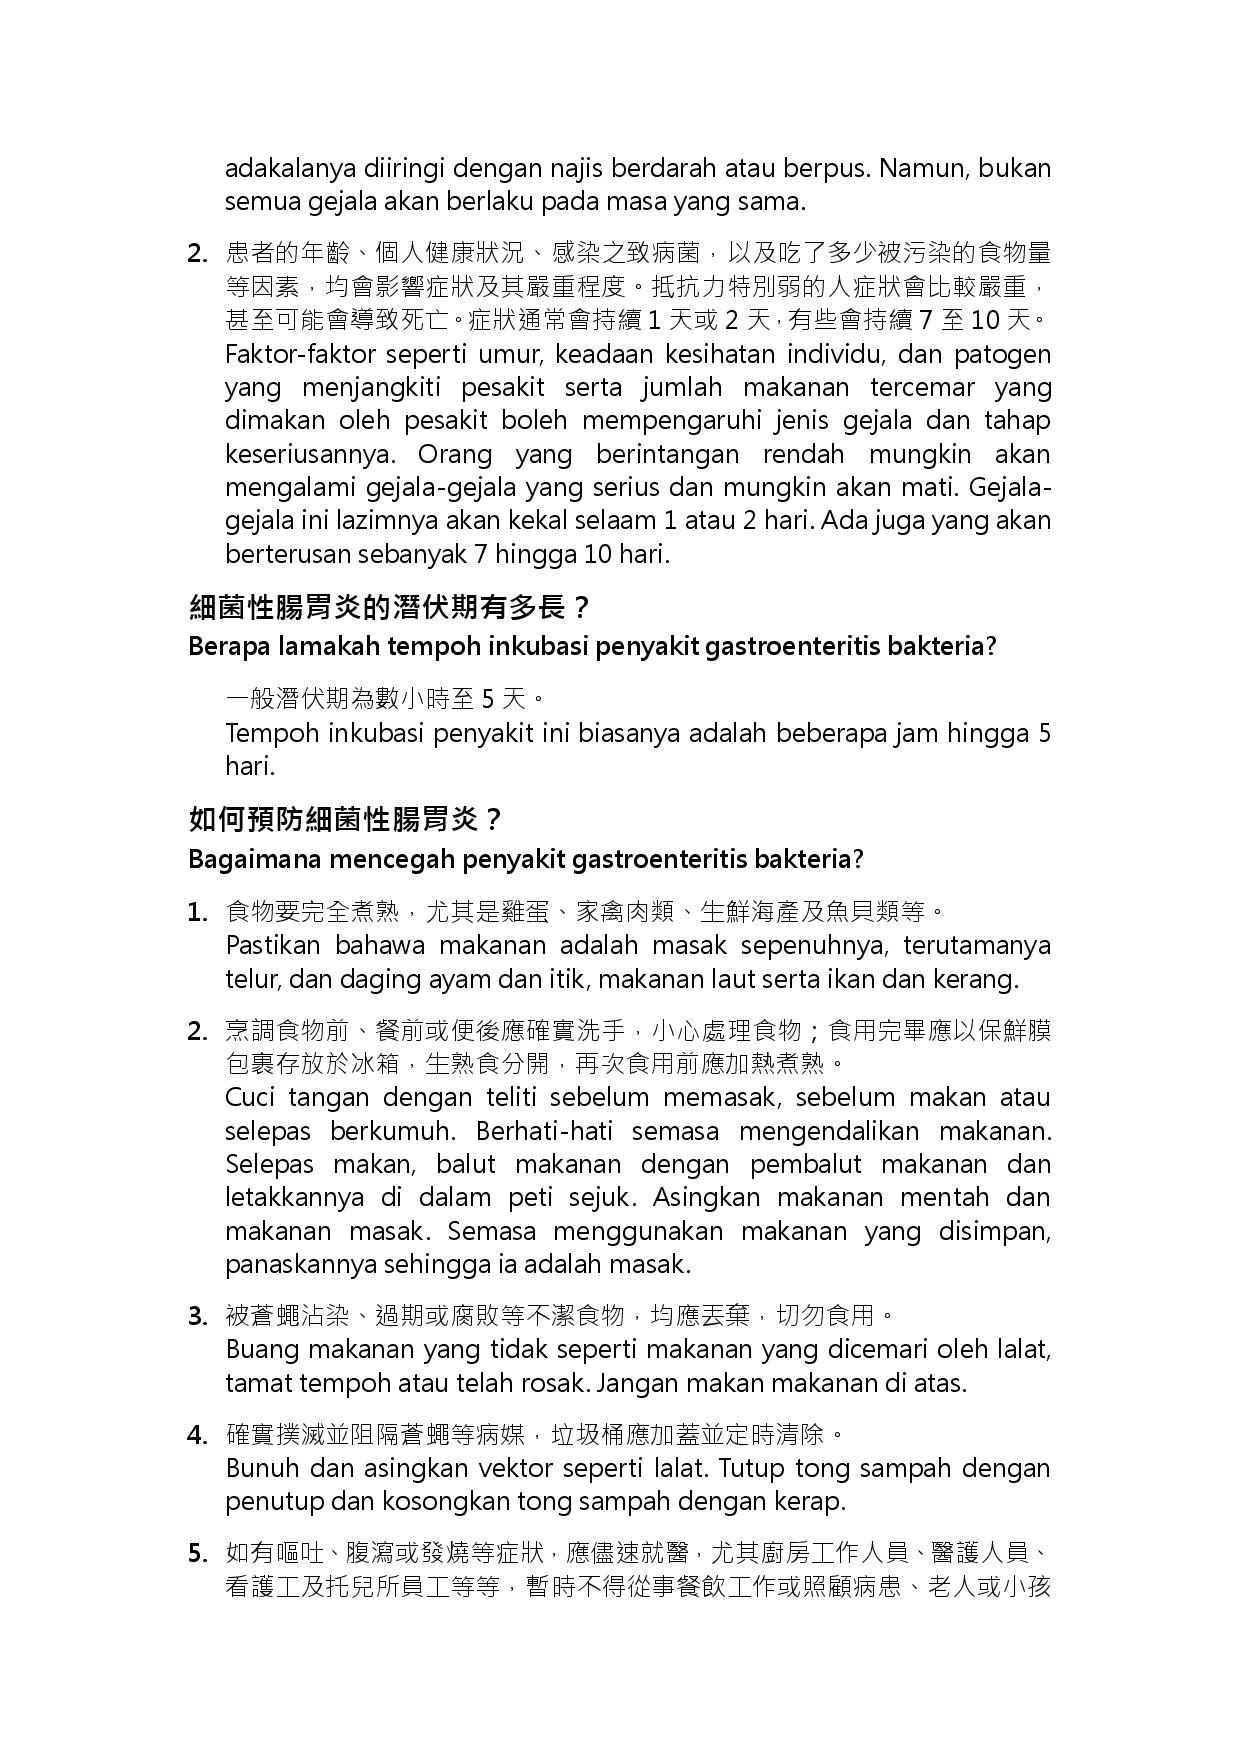 詳如附件【klik saya】Untuk mencegah penyakit gastroenteritis bakteria(Halaman 2)預防細菌性腸胃炎,勿生飲生食,落實勤洗手的良好衛生習慣(馬來文)